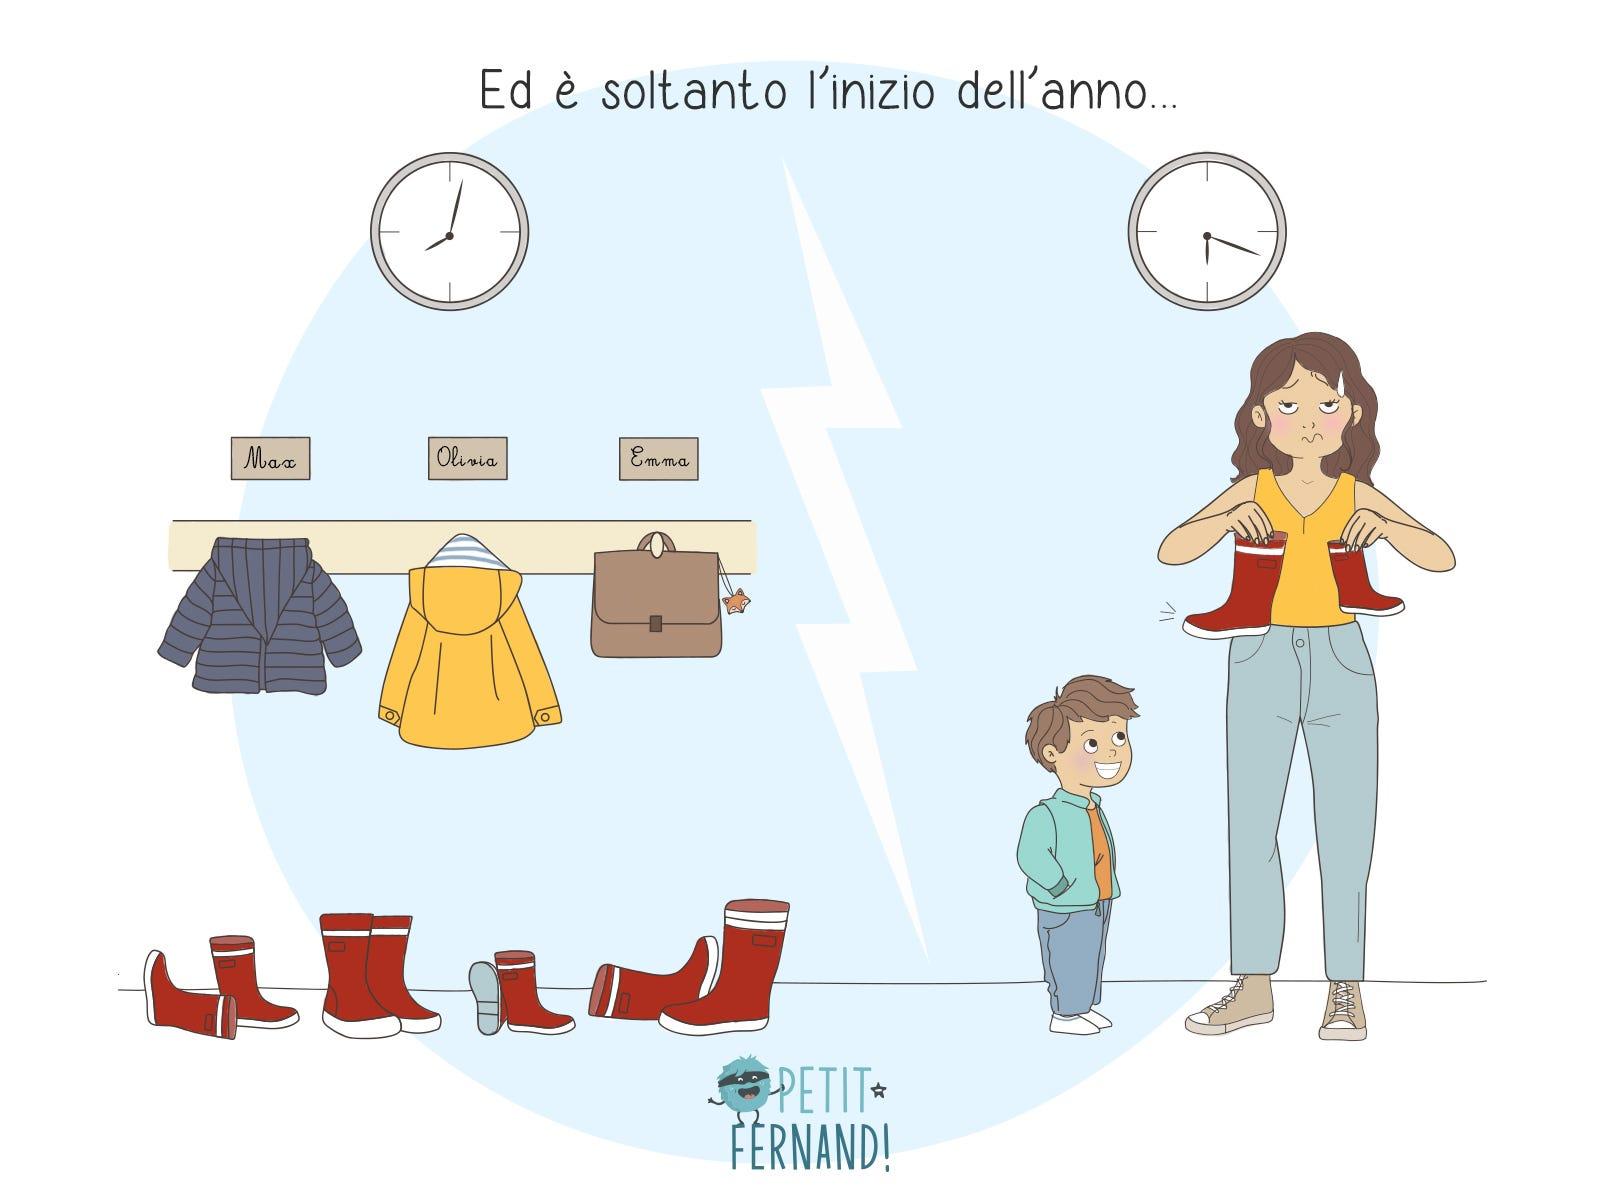 I bambini e le loro cose che vengono scambiate a scuola… Una bella storia!